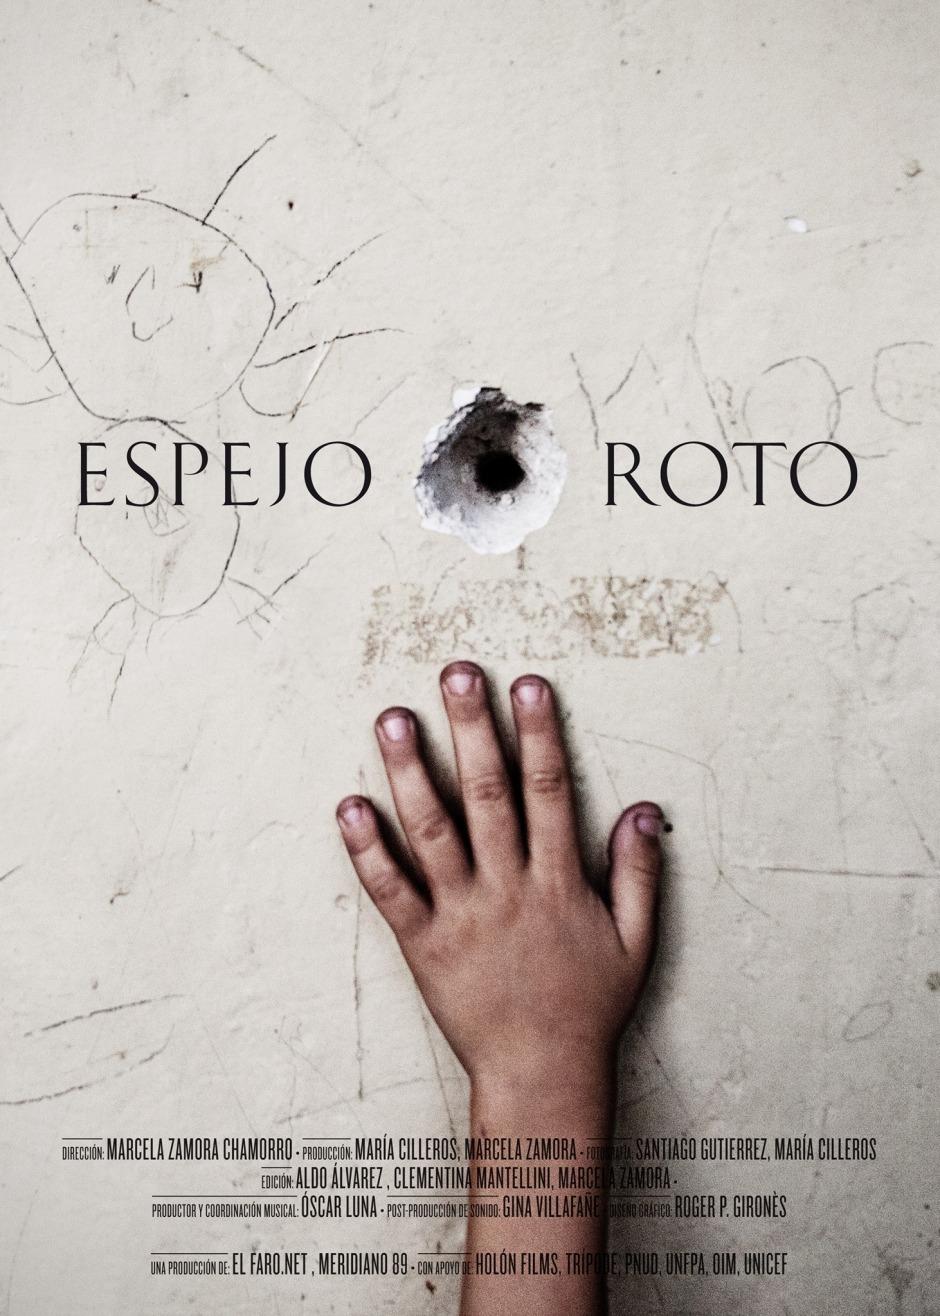 Espejo_Roto